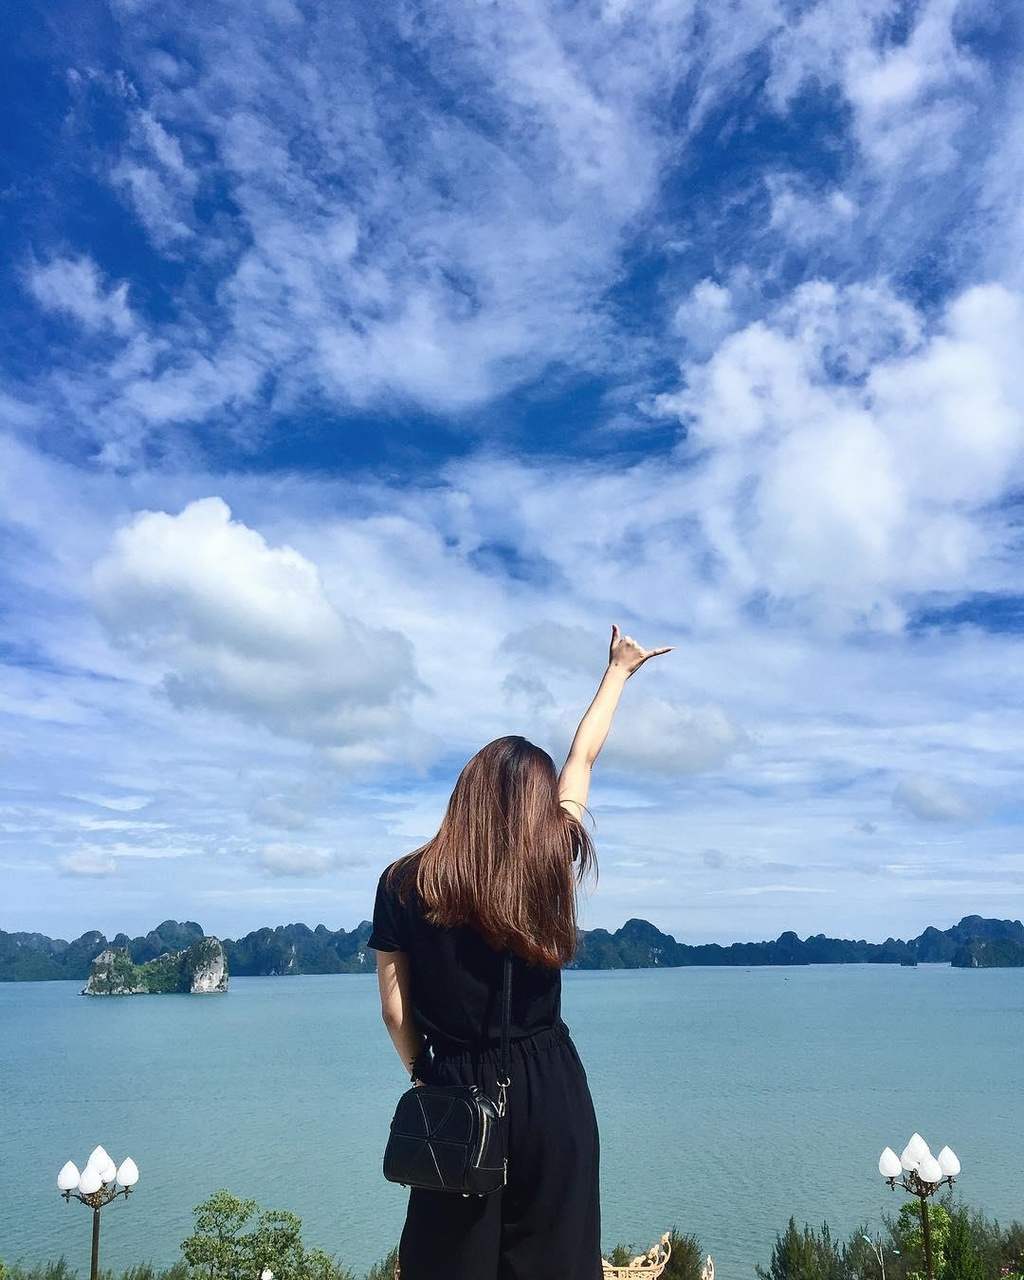 'Song Lung Khung Long' va cac noi dung vao la co anh dep o Quang Ninh hinh anh 13